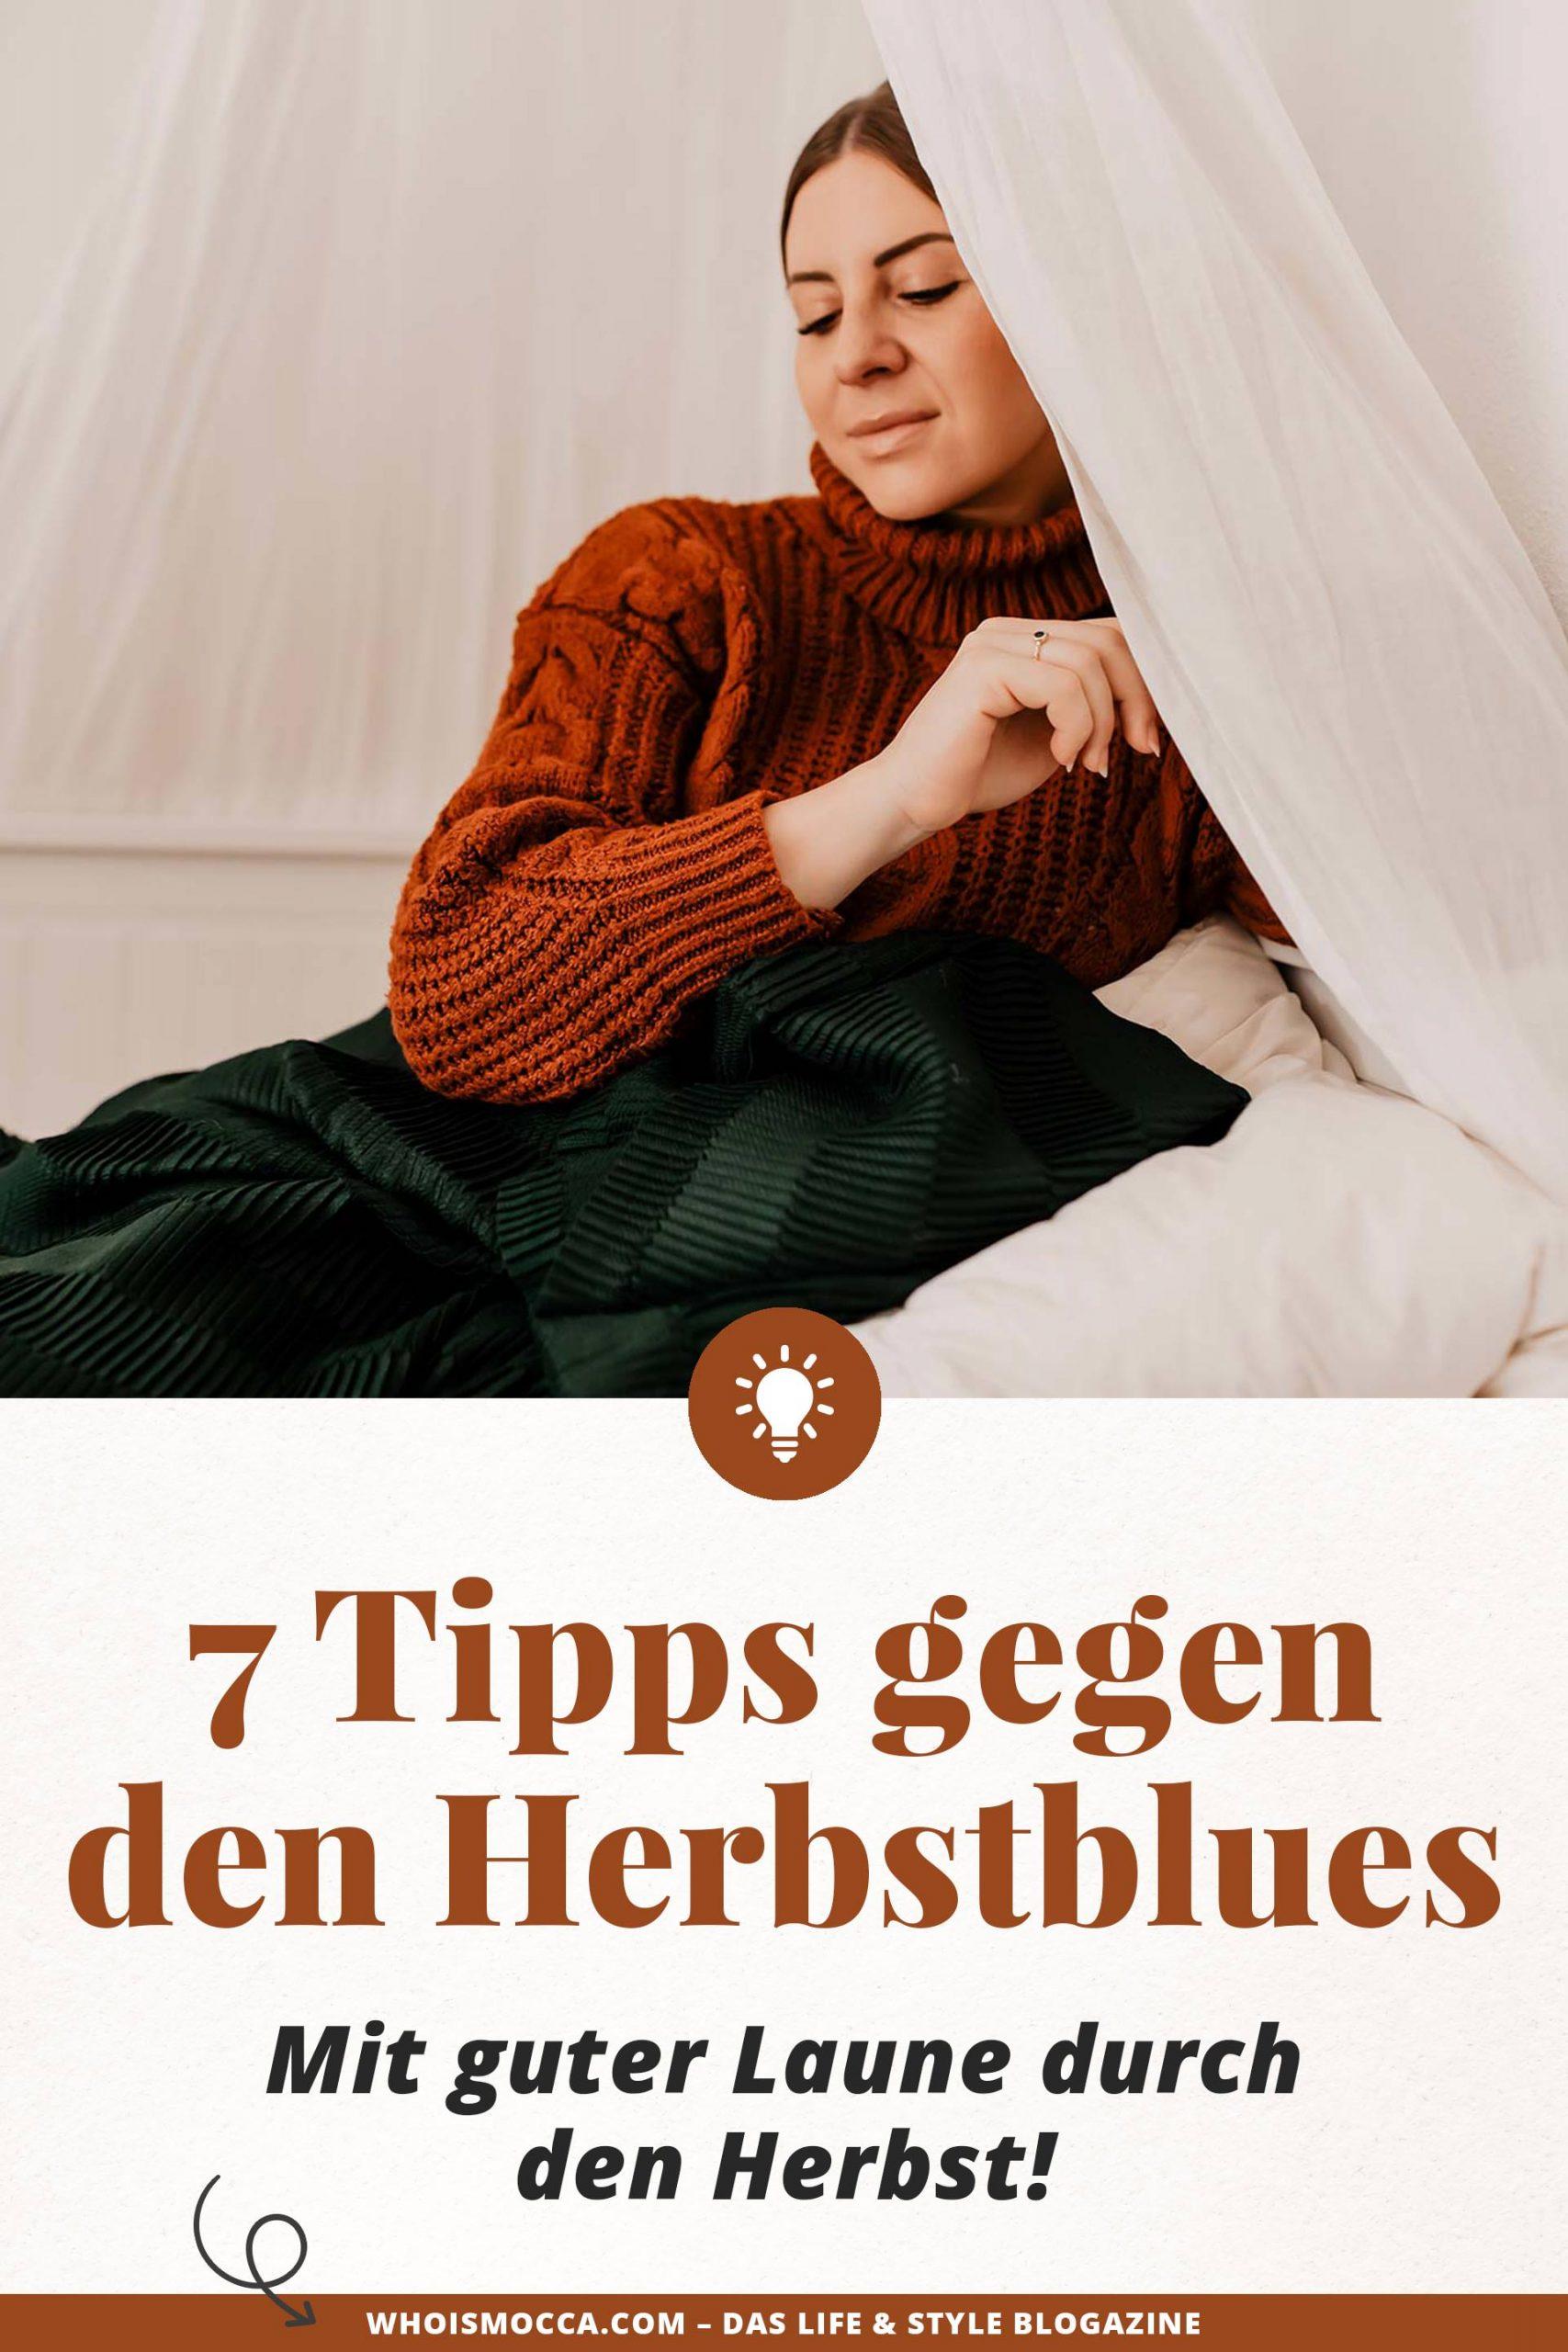 In diesem Blogbeitrag gebe ich dir 7 einfache Tipps gegen den Herbstblues, mit denen du gut gelaunt in die kalte Jahreszeit starten kannst! www.whoismocca.com